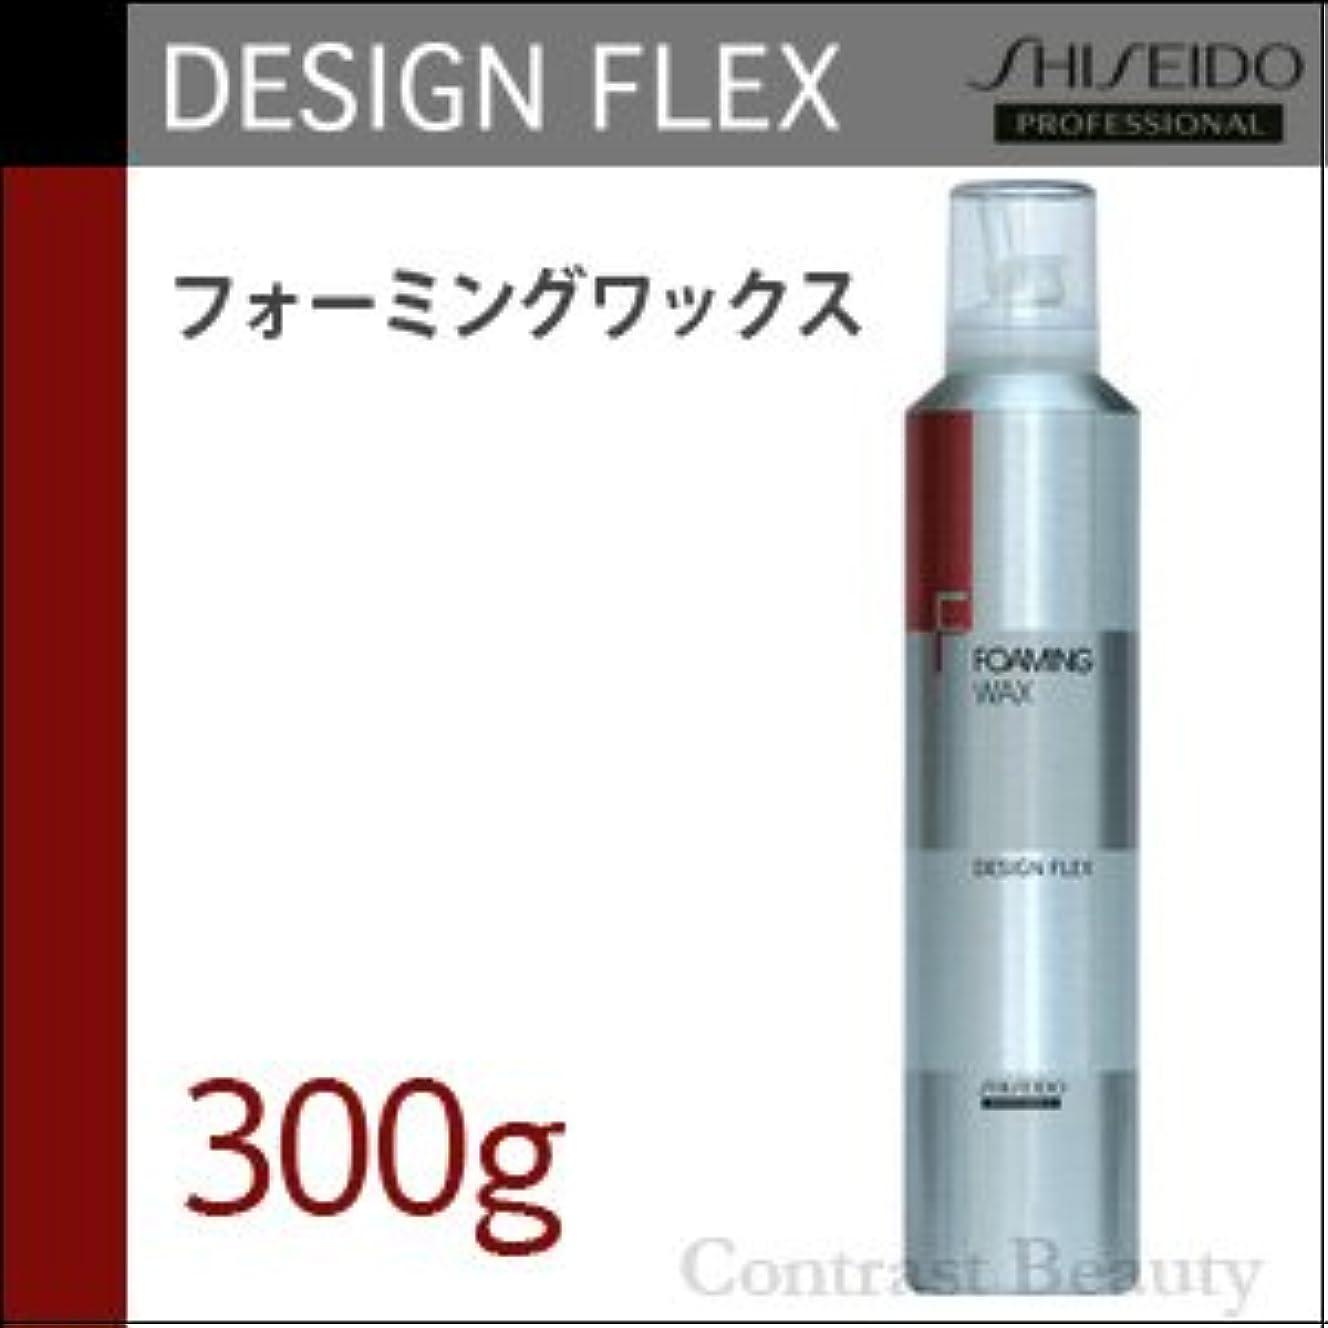 パズル月曜脈拍【x2個セット】 資生堂 デザインフレックス フォーミングワックス 300g